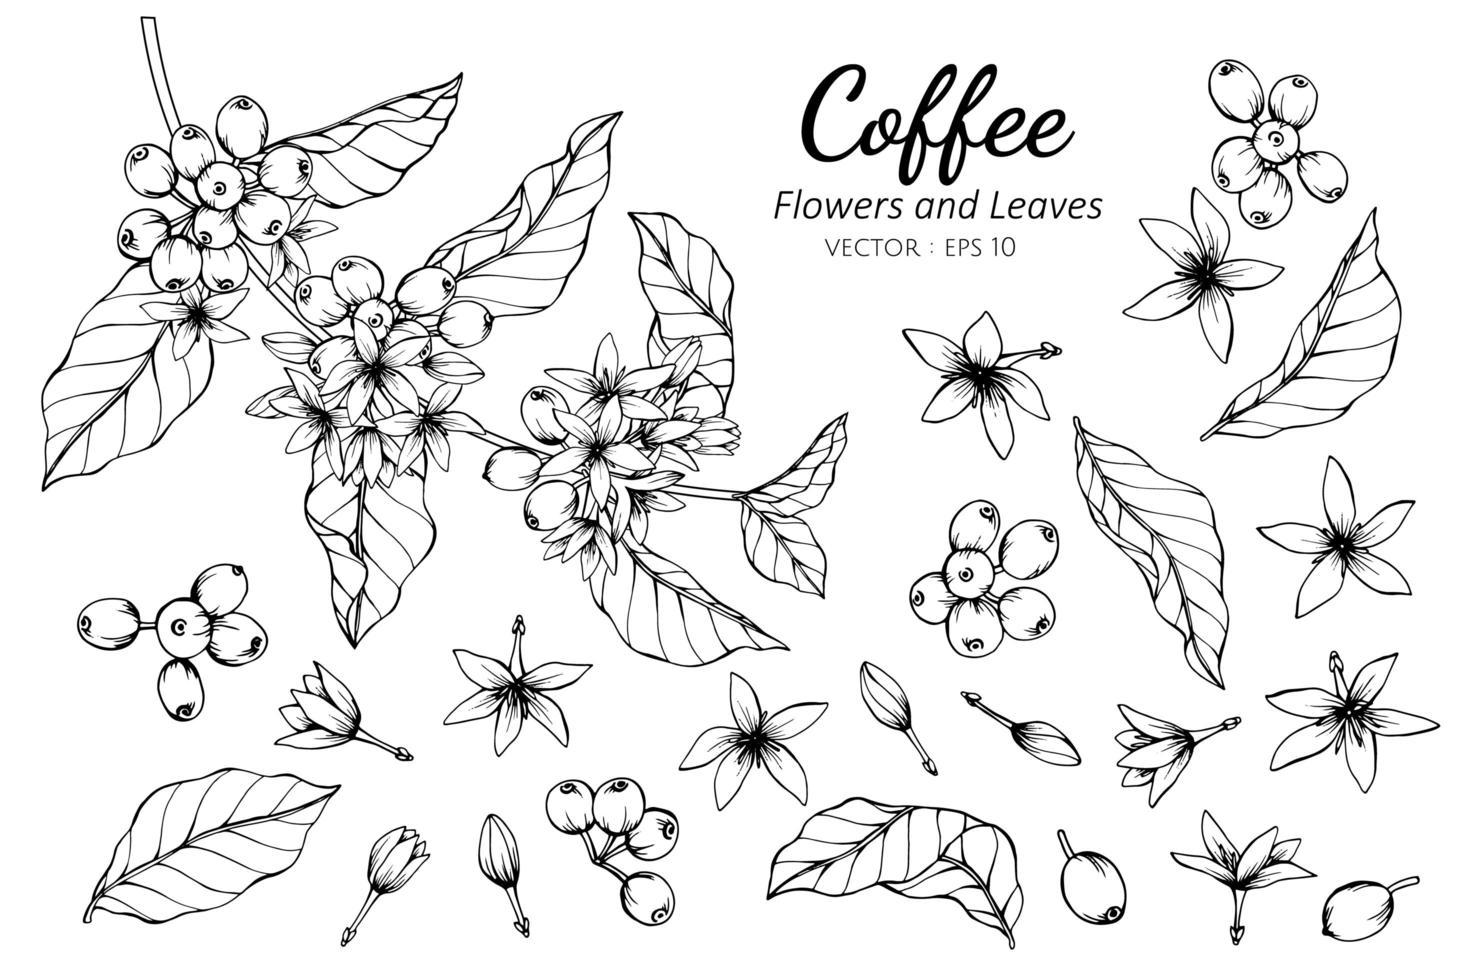 Sammlung von Kaffeeblumen und Blättern vektor